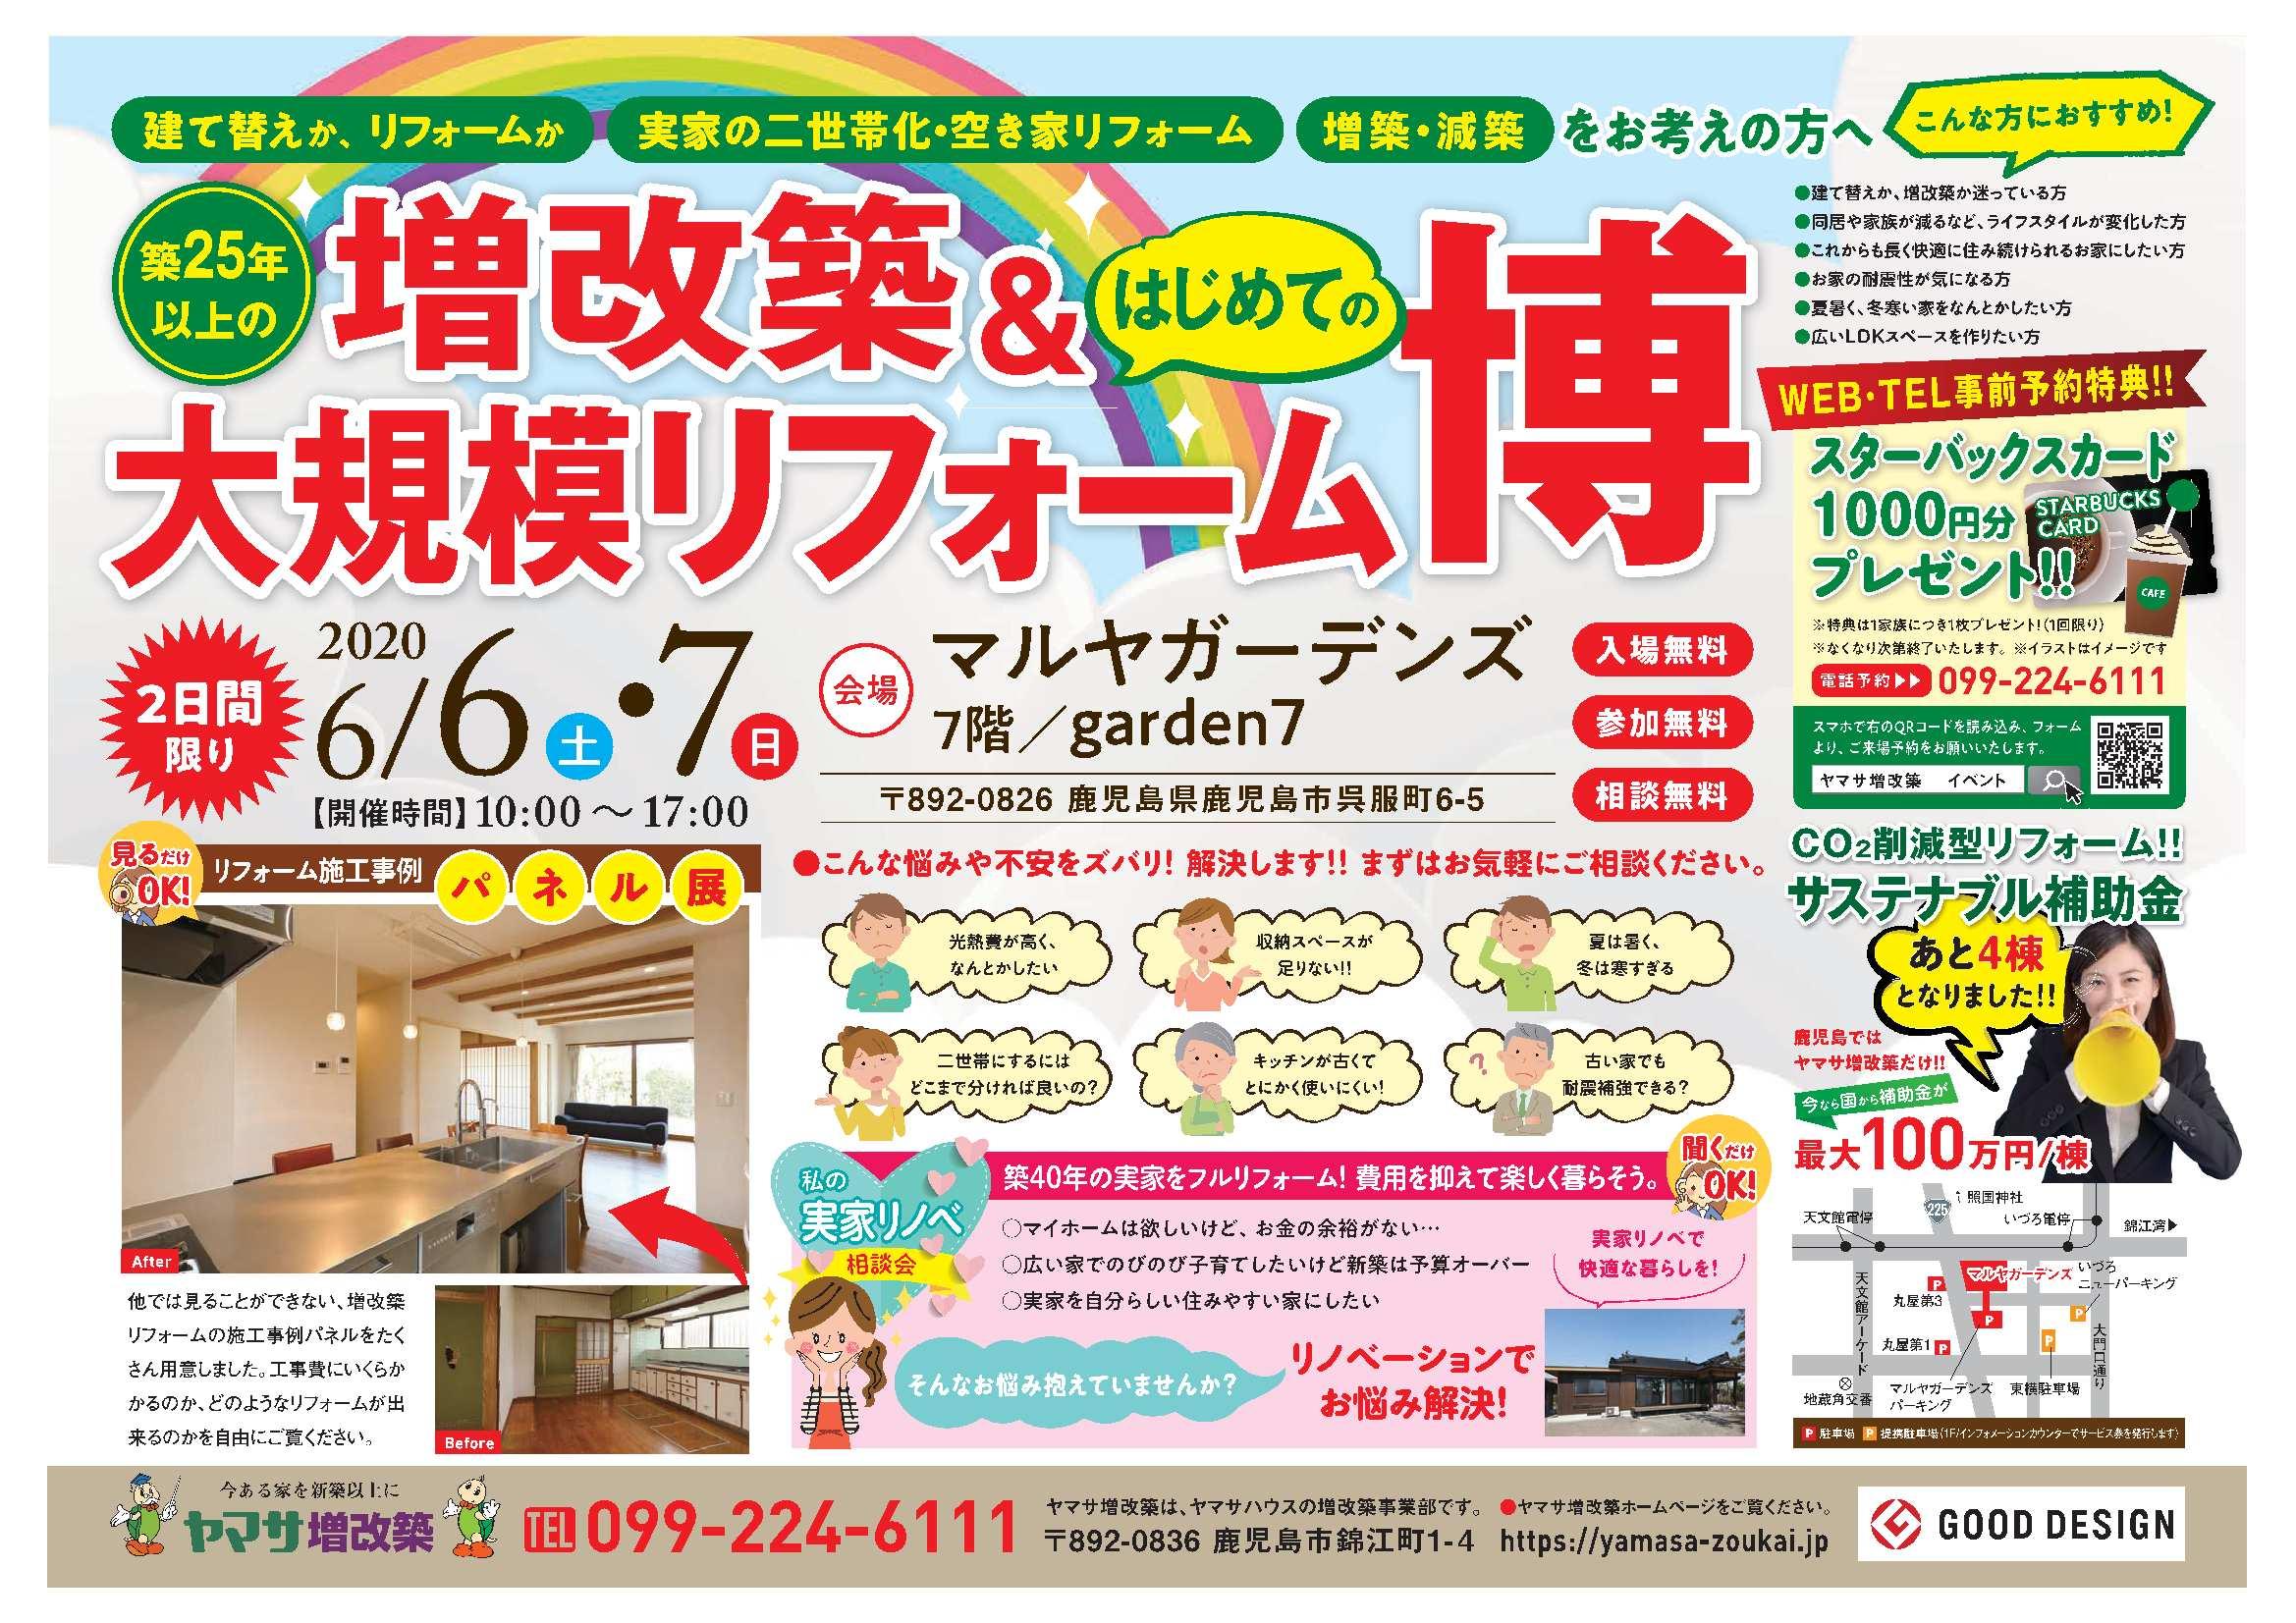 【6/6(土)-7(日)】増改築&大規模リフォーム博(inマルヤガーデンズ)